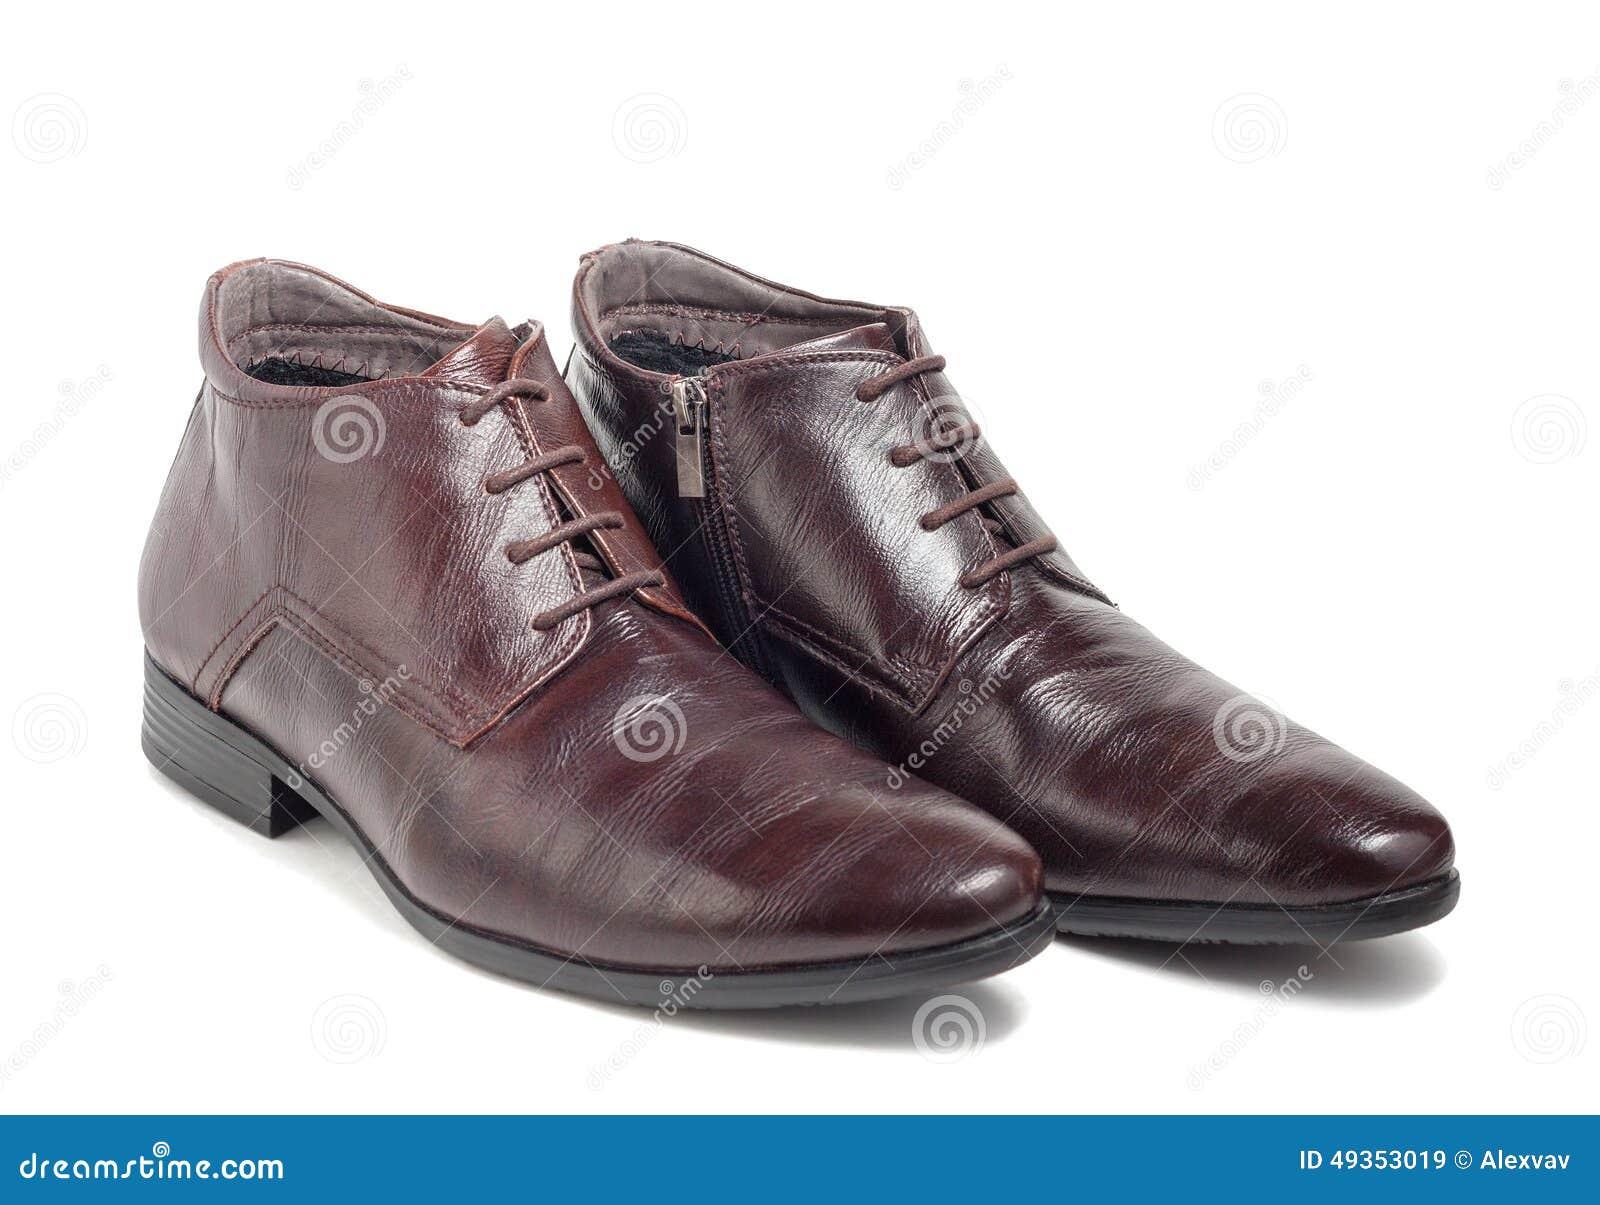 0e5ec57aaf Los zapatos marrones de los hombres de moda del invierno aislados en el fondo  blanco